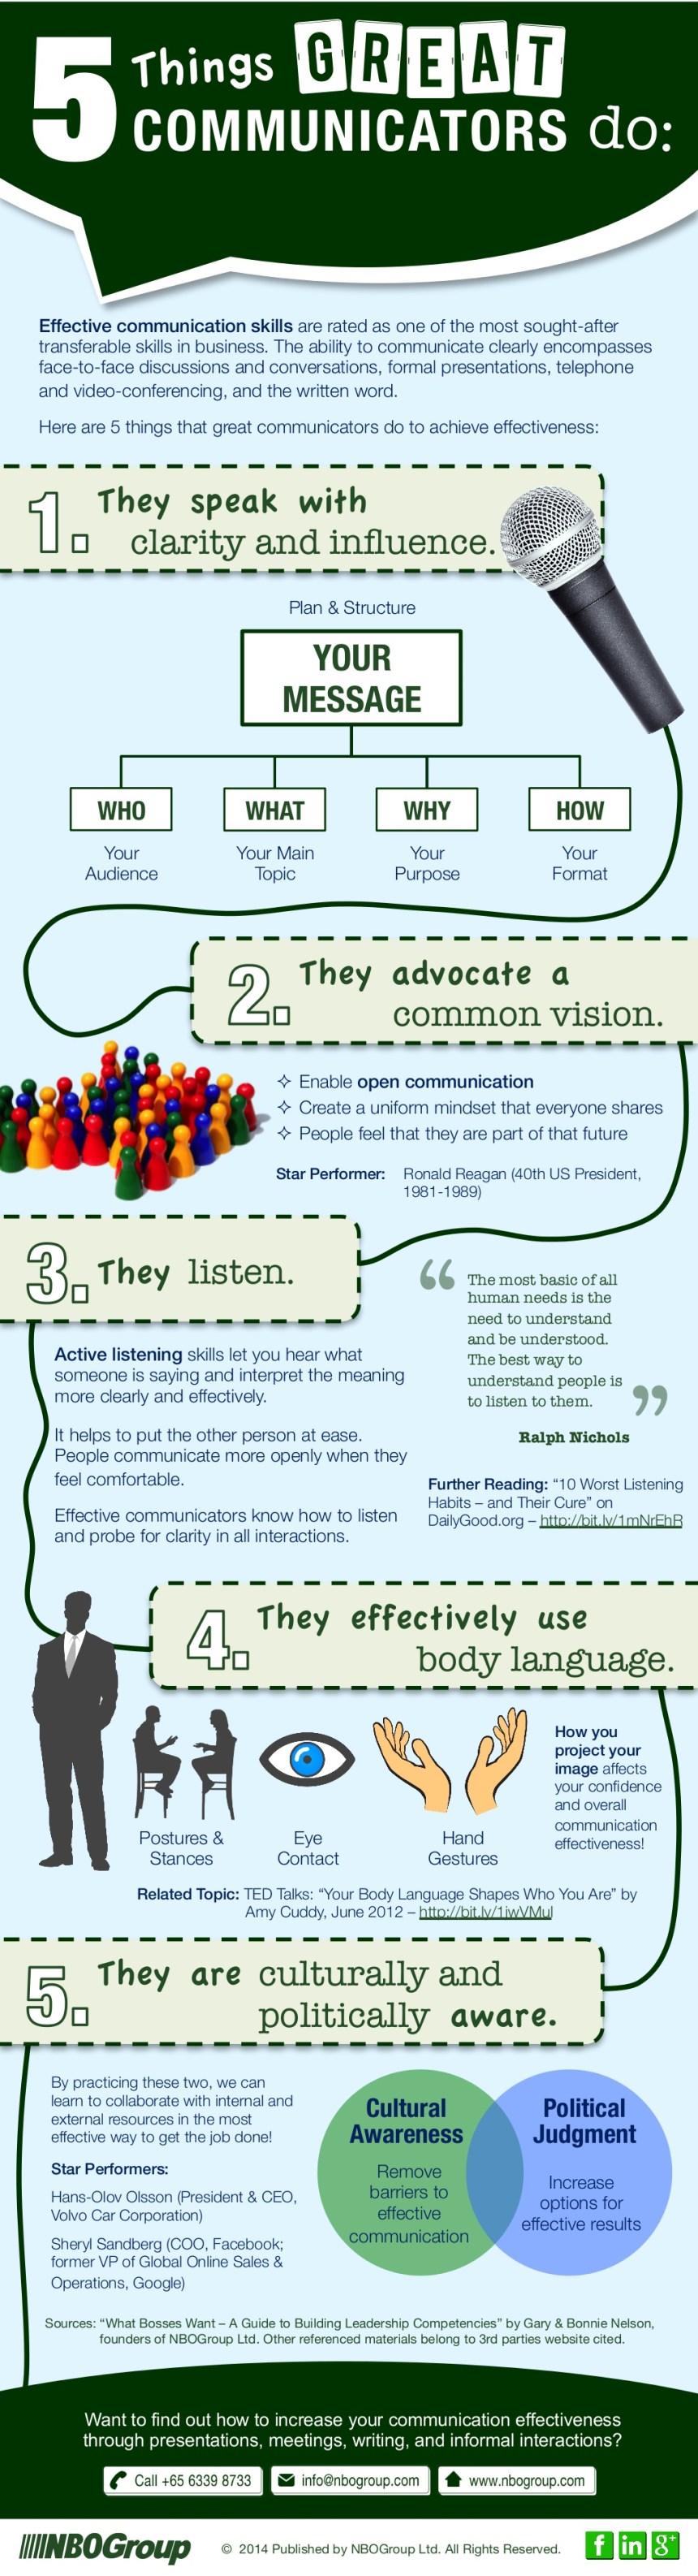 5 cosas que hacen los grandes comunicadores